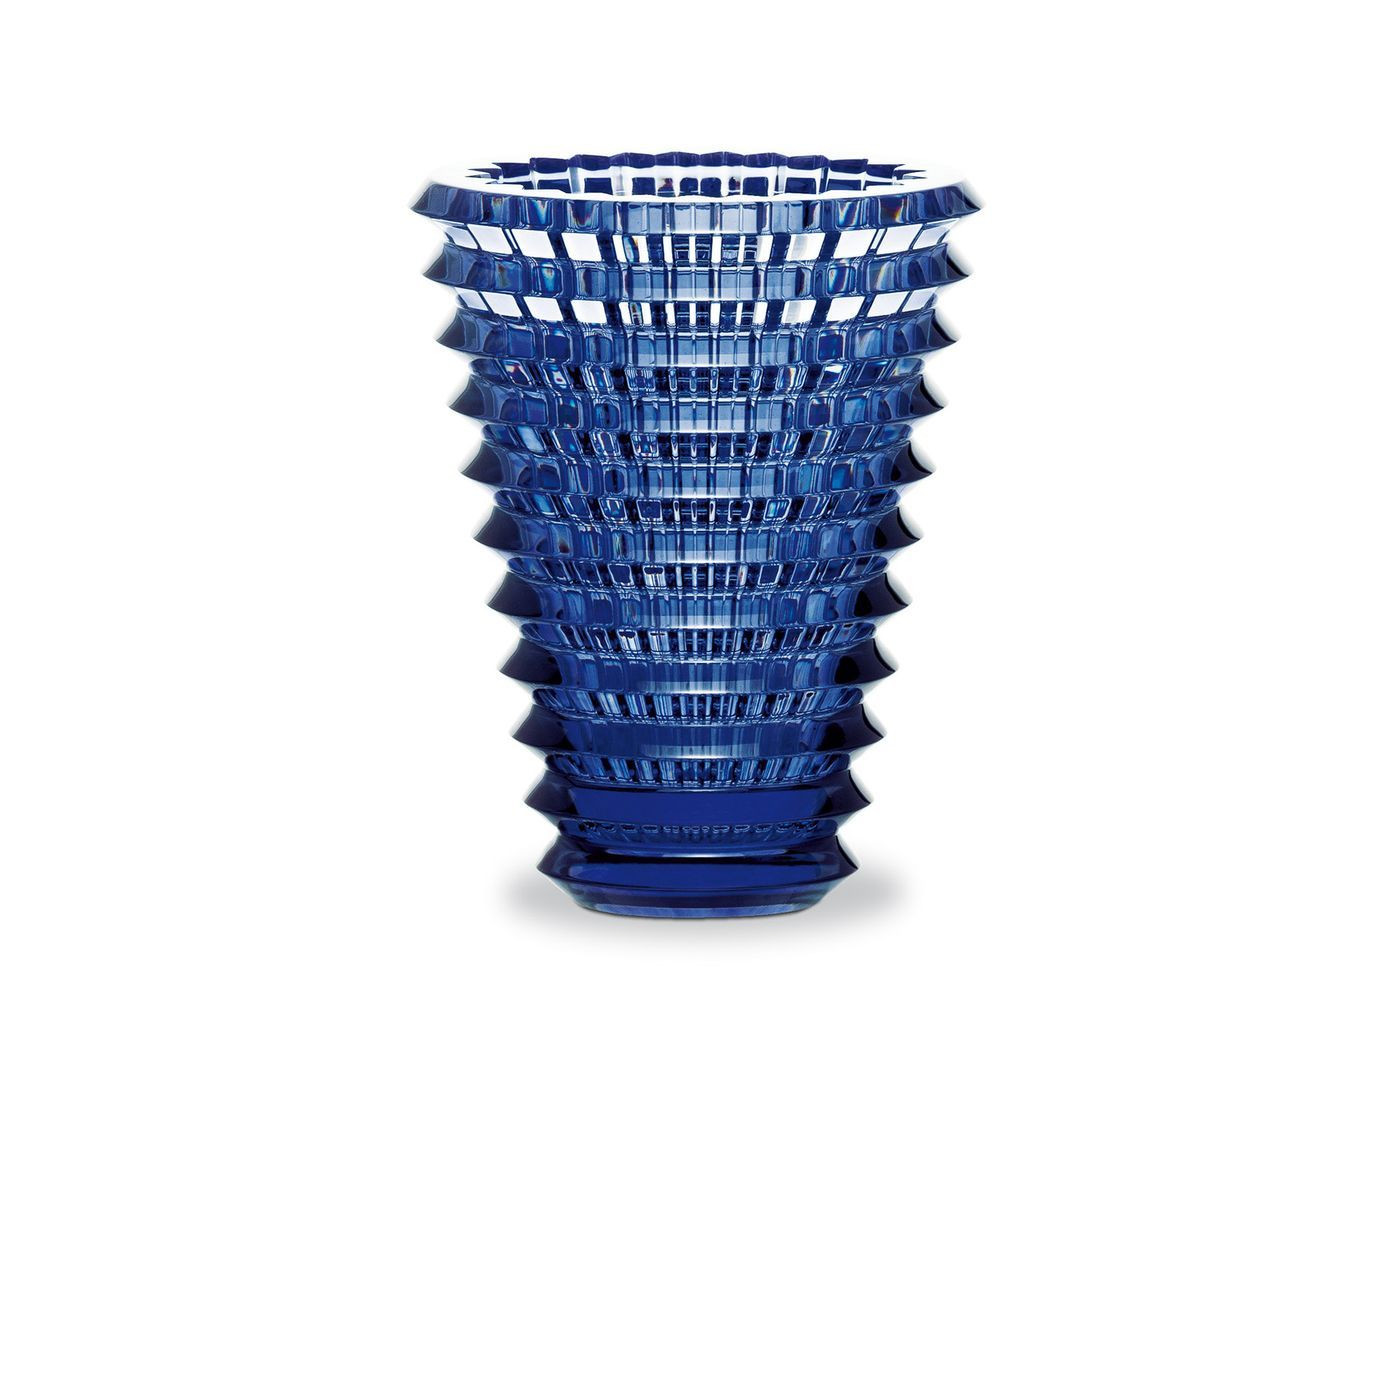 baccarat blue vase of eye vase baccarat design pinterest in eye vase baccarat